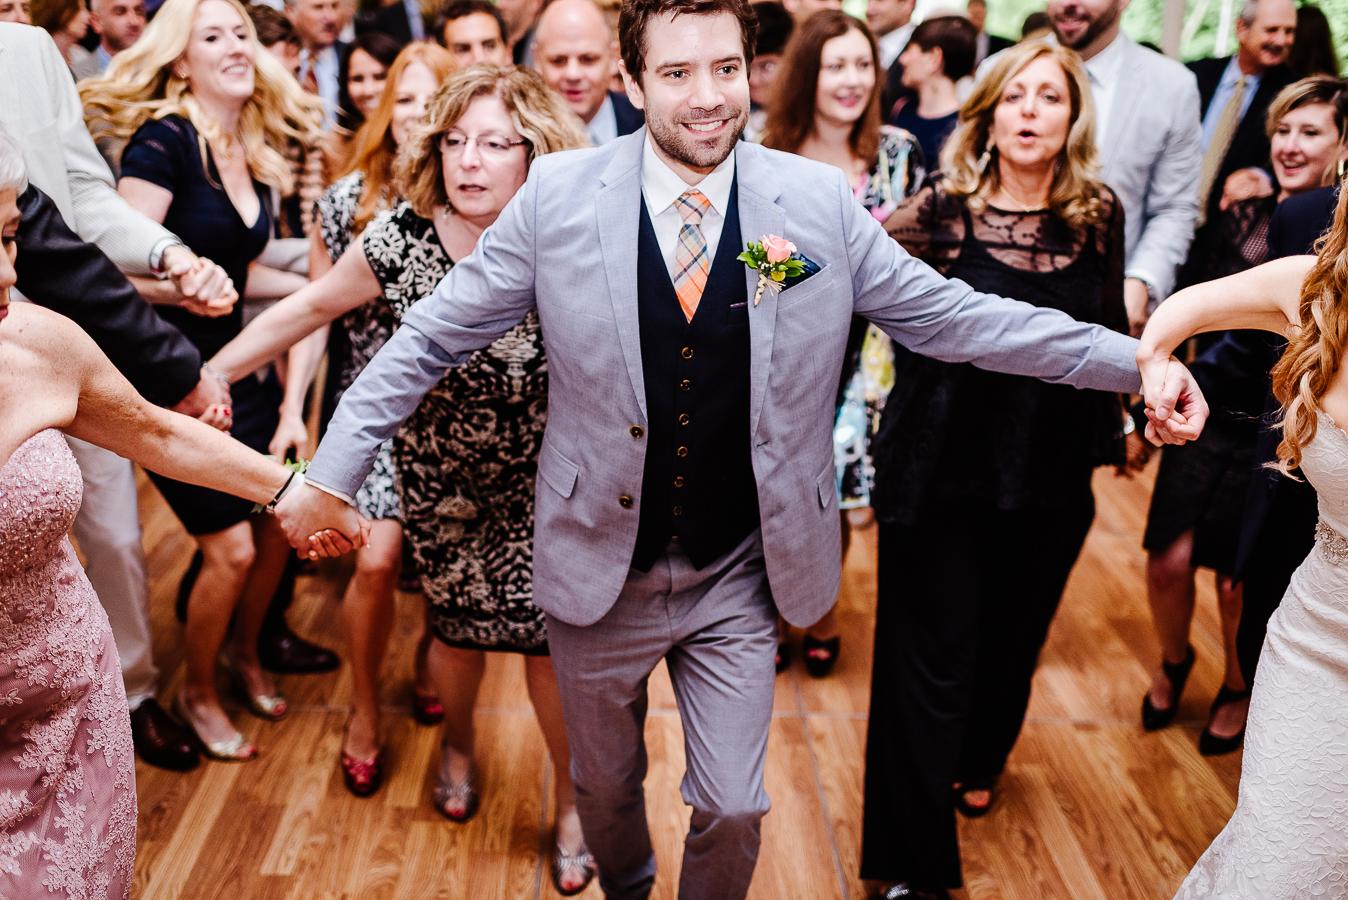 Stylish Crossed Keys Inn Wedding Crossed Keys Wedding Crossed Keys Inn Andover NJ Longbrook Photography-63.jpg